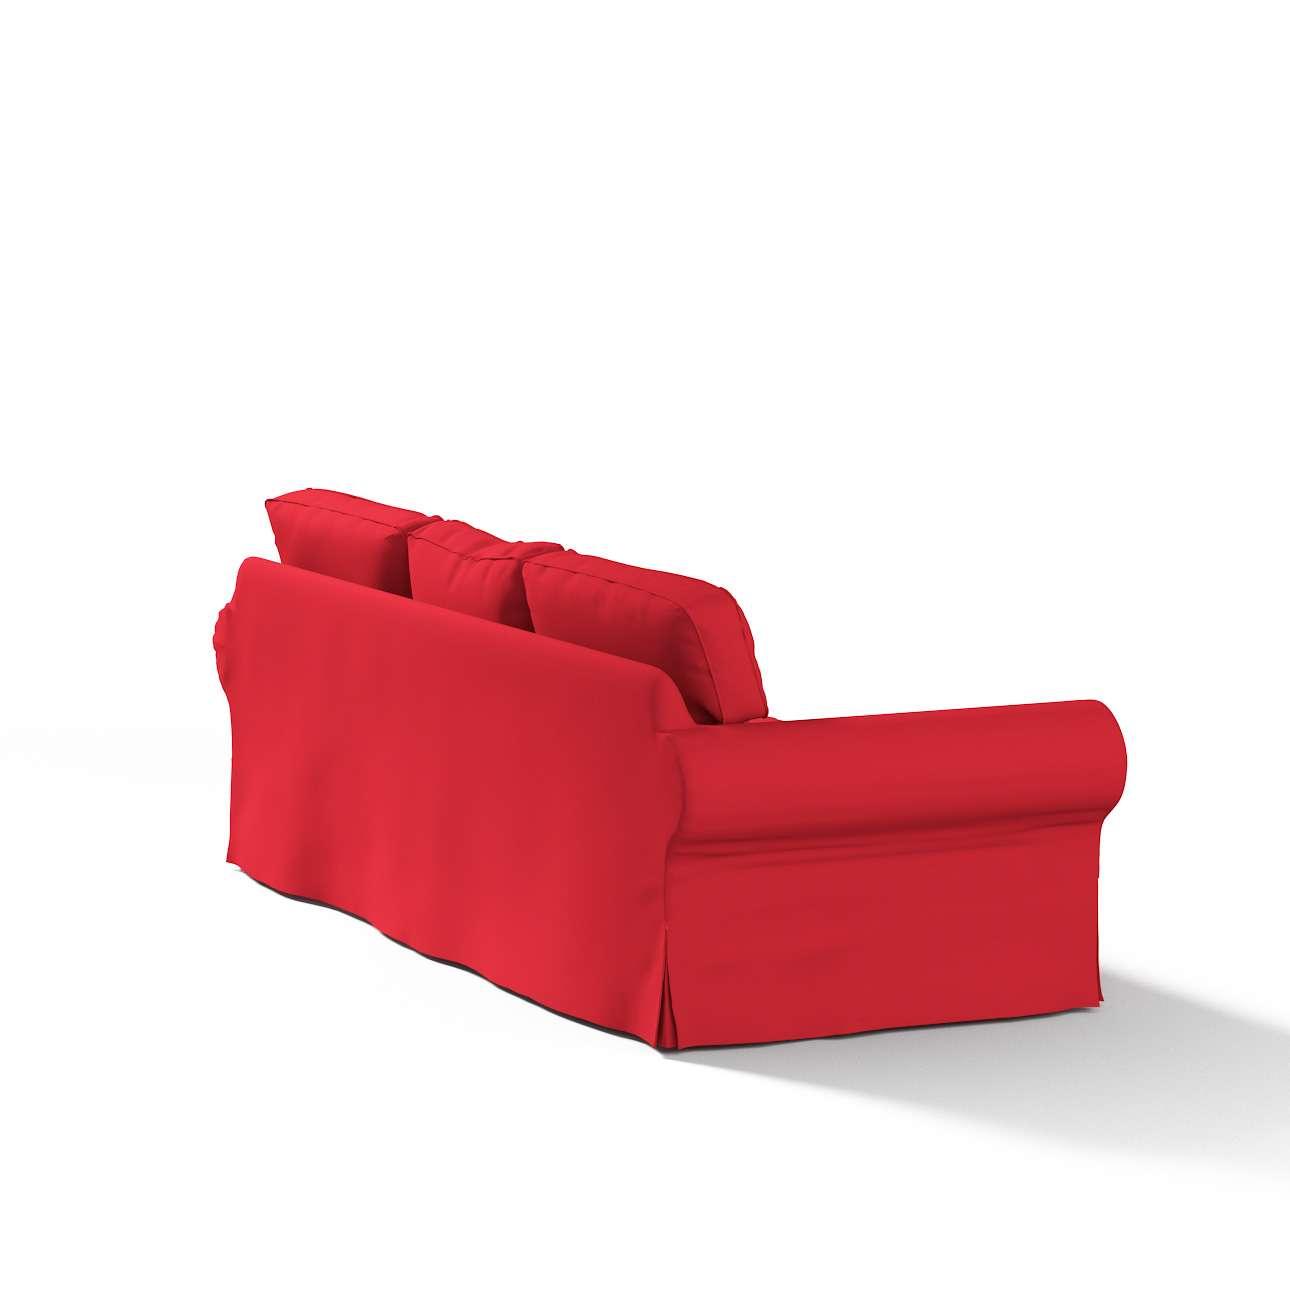 Pokrowiec na sofę Ektorp 3-osobową, nierozkładaną Sofa Ektorp 3-osobowa w kolekcji Cotton Panama, tkanina: 702-04